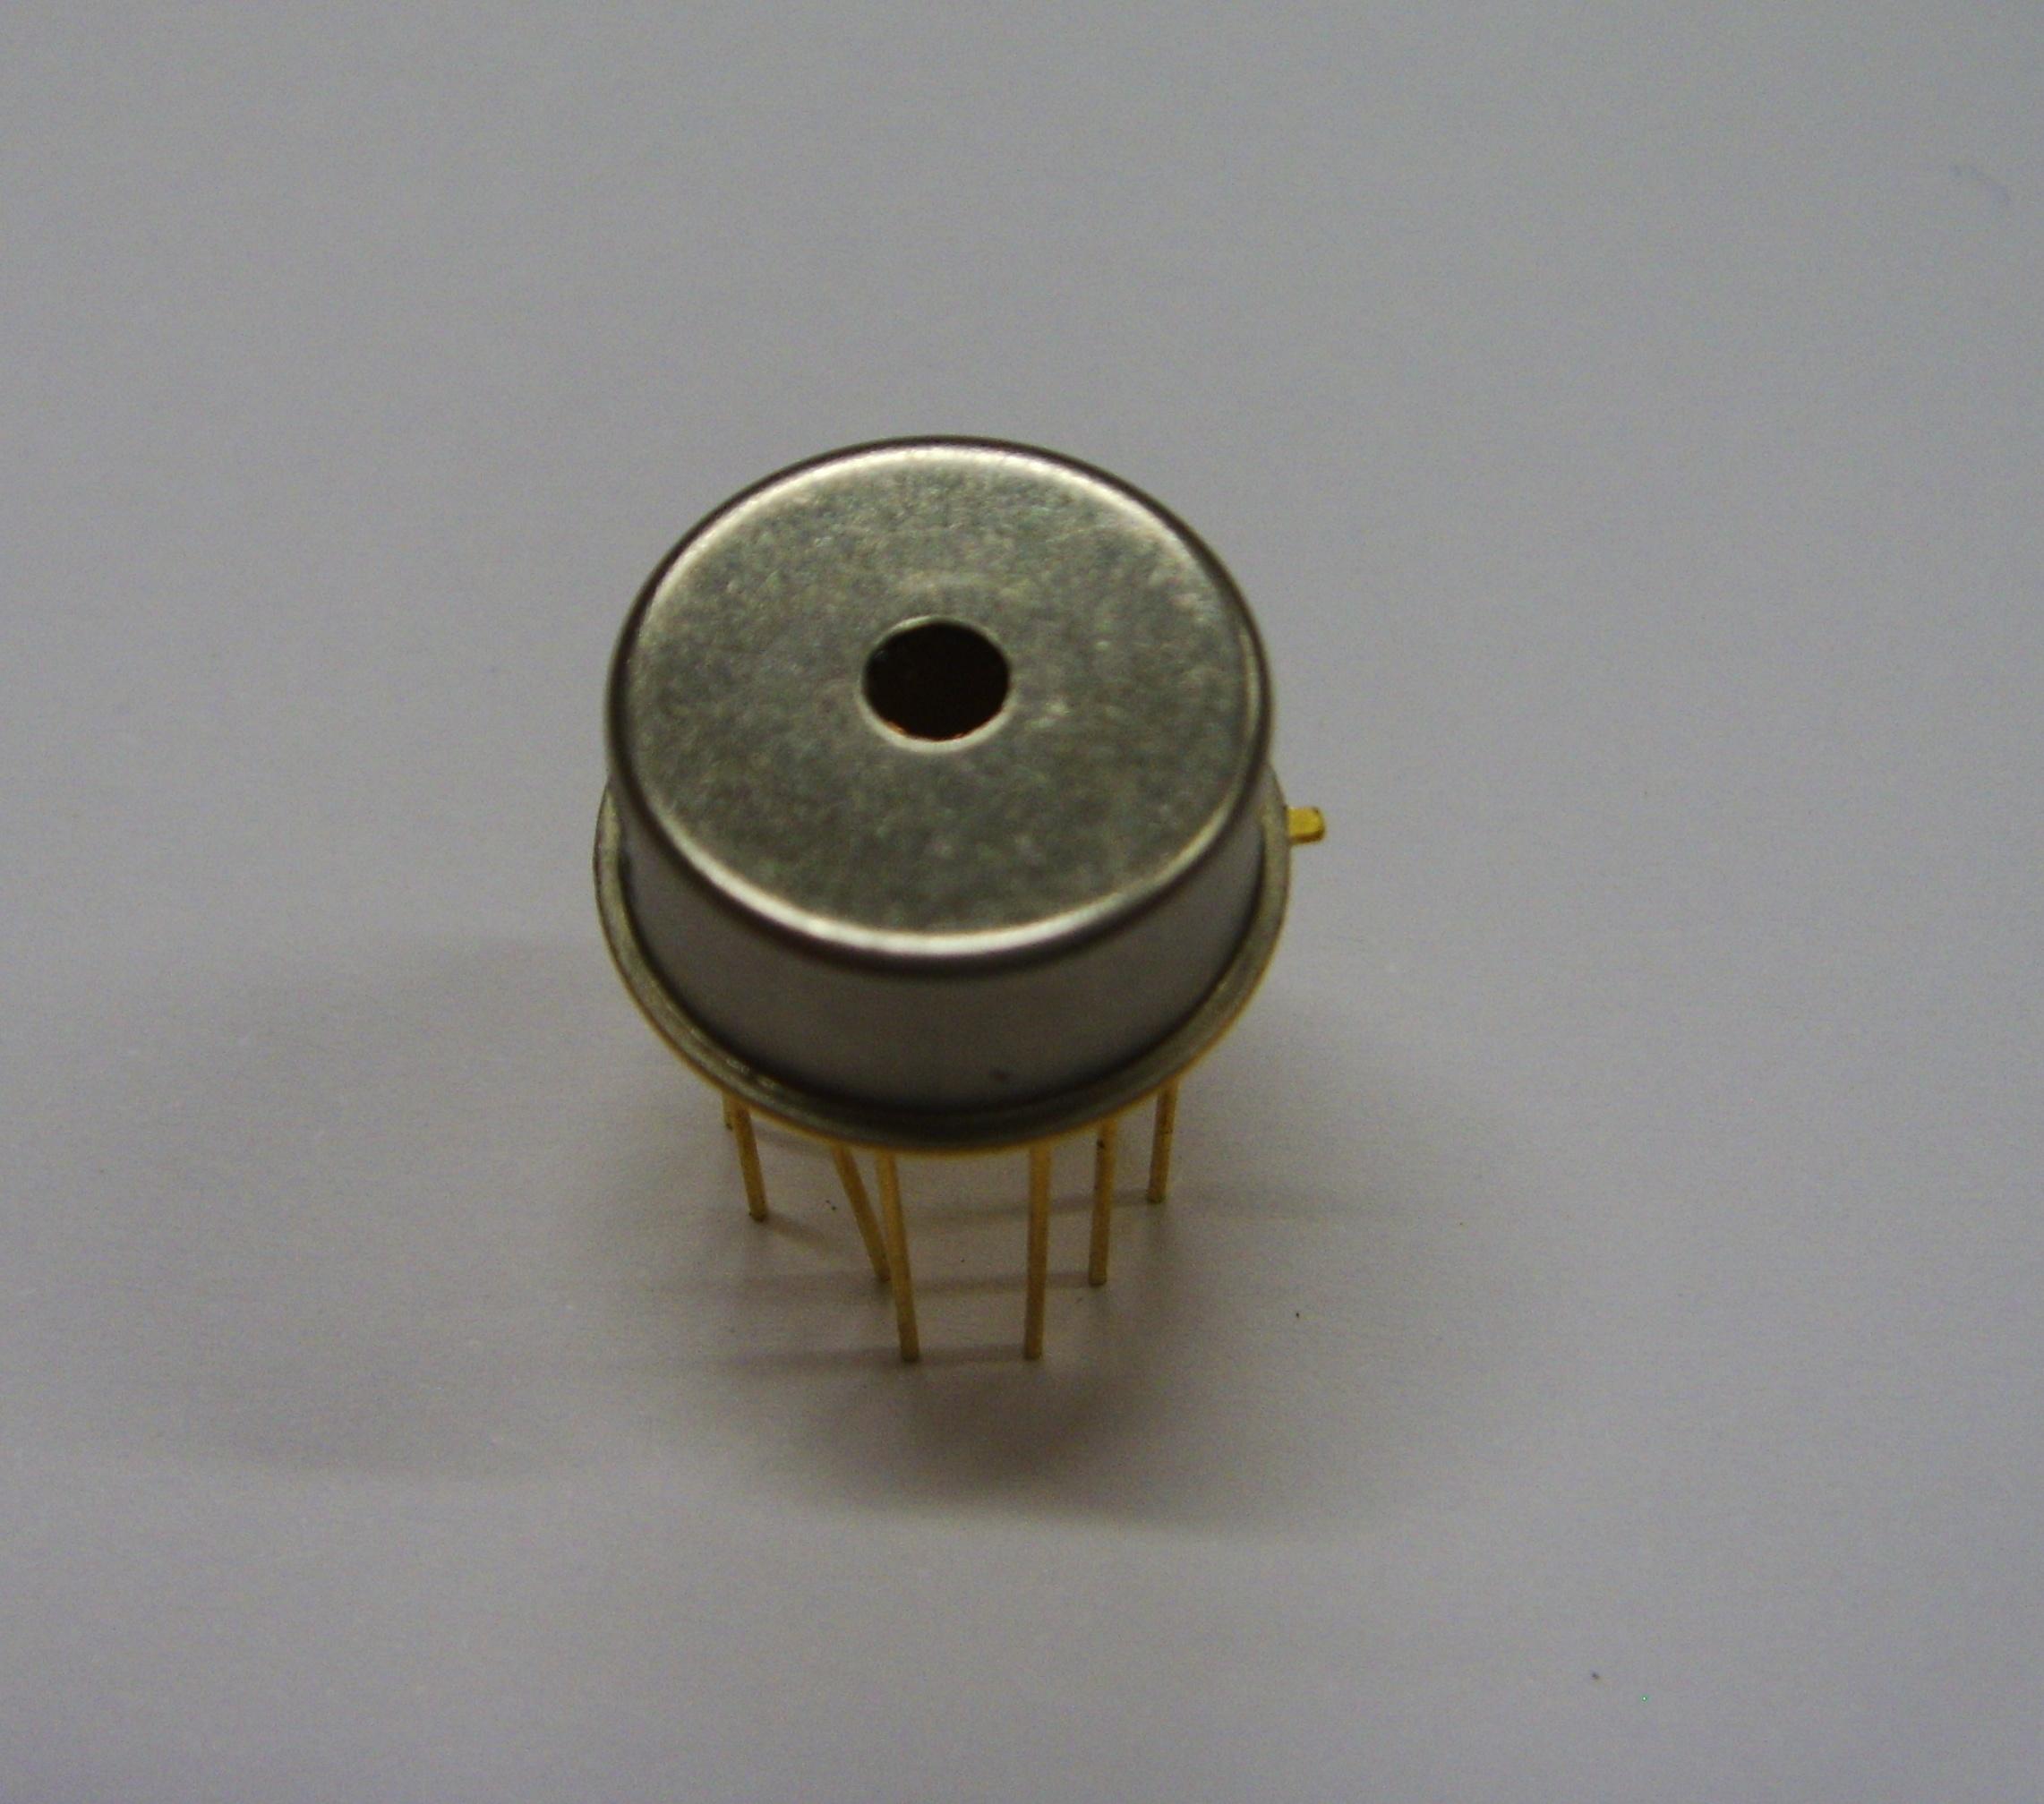 #2 Czujnik piroelektryczny - piroelektryk, fizyka, SEM